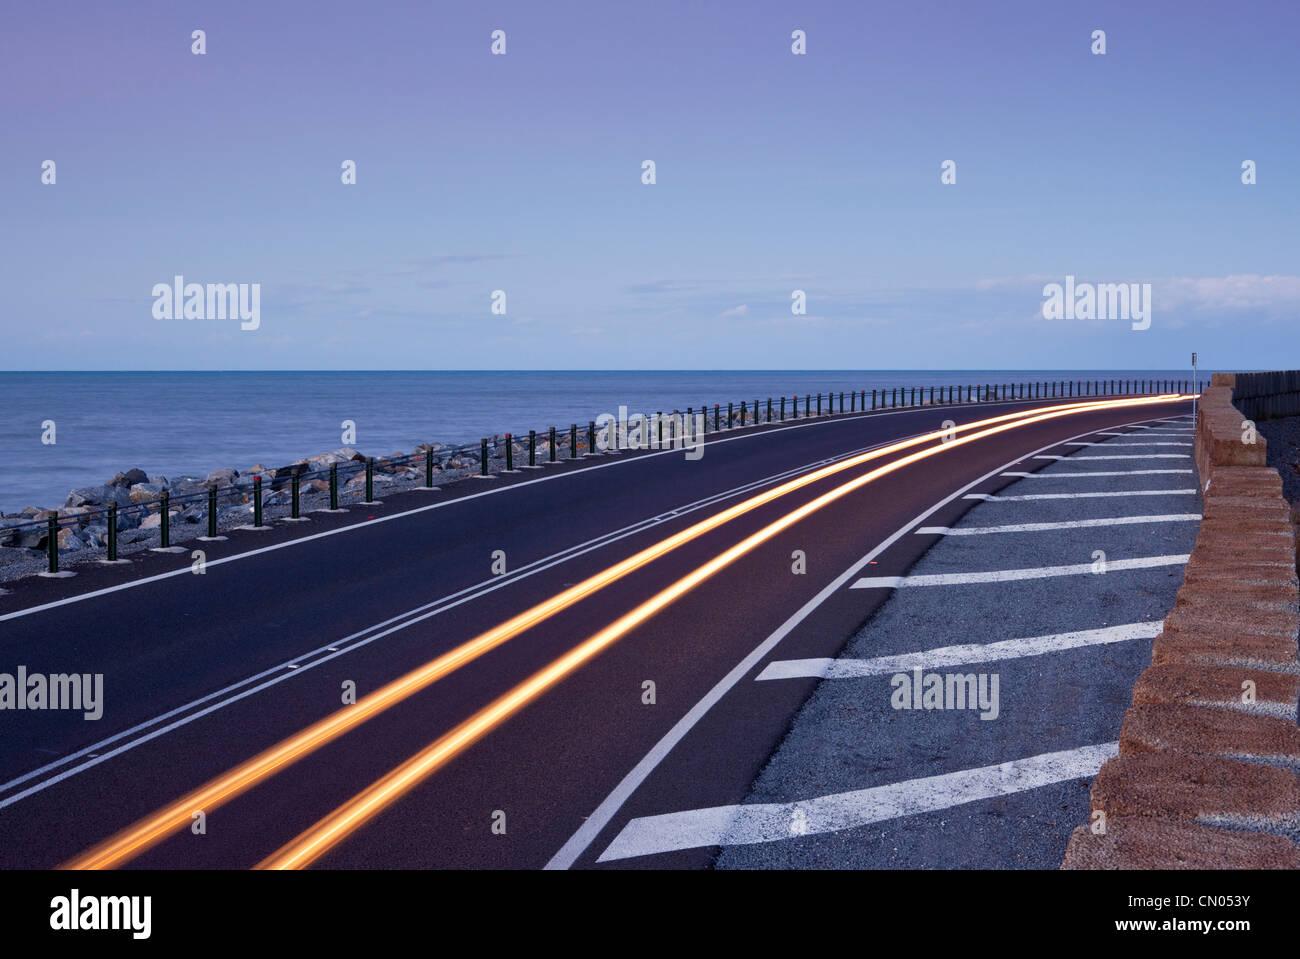 Location de light trails sur l'autoroute côtière. Le capitaine Cook entre Port Douglas et Cairns, Queensland, Australie Banque D'Images